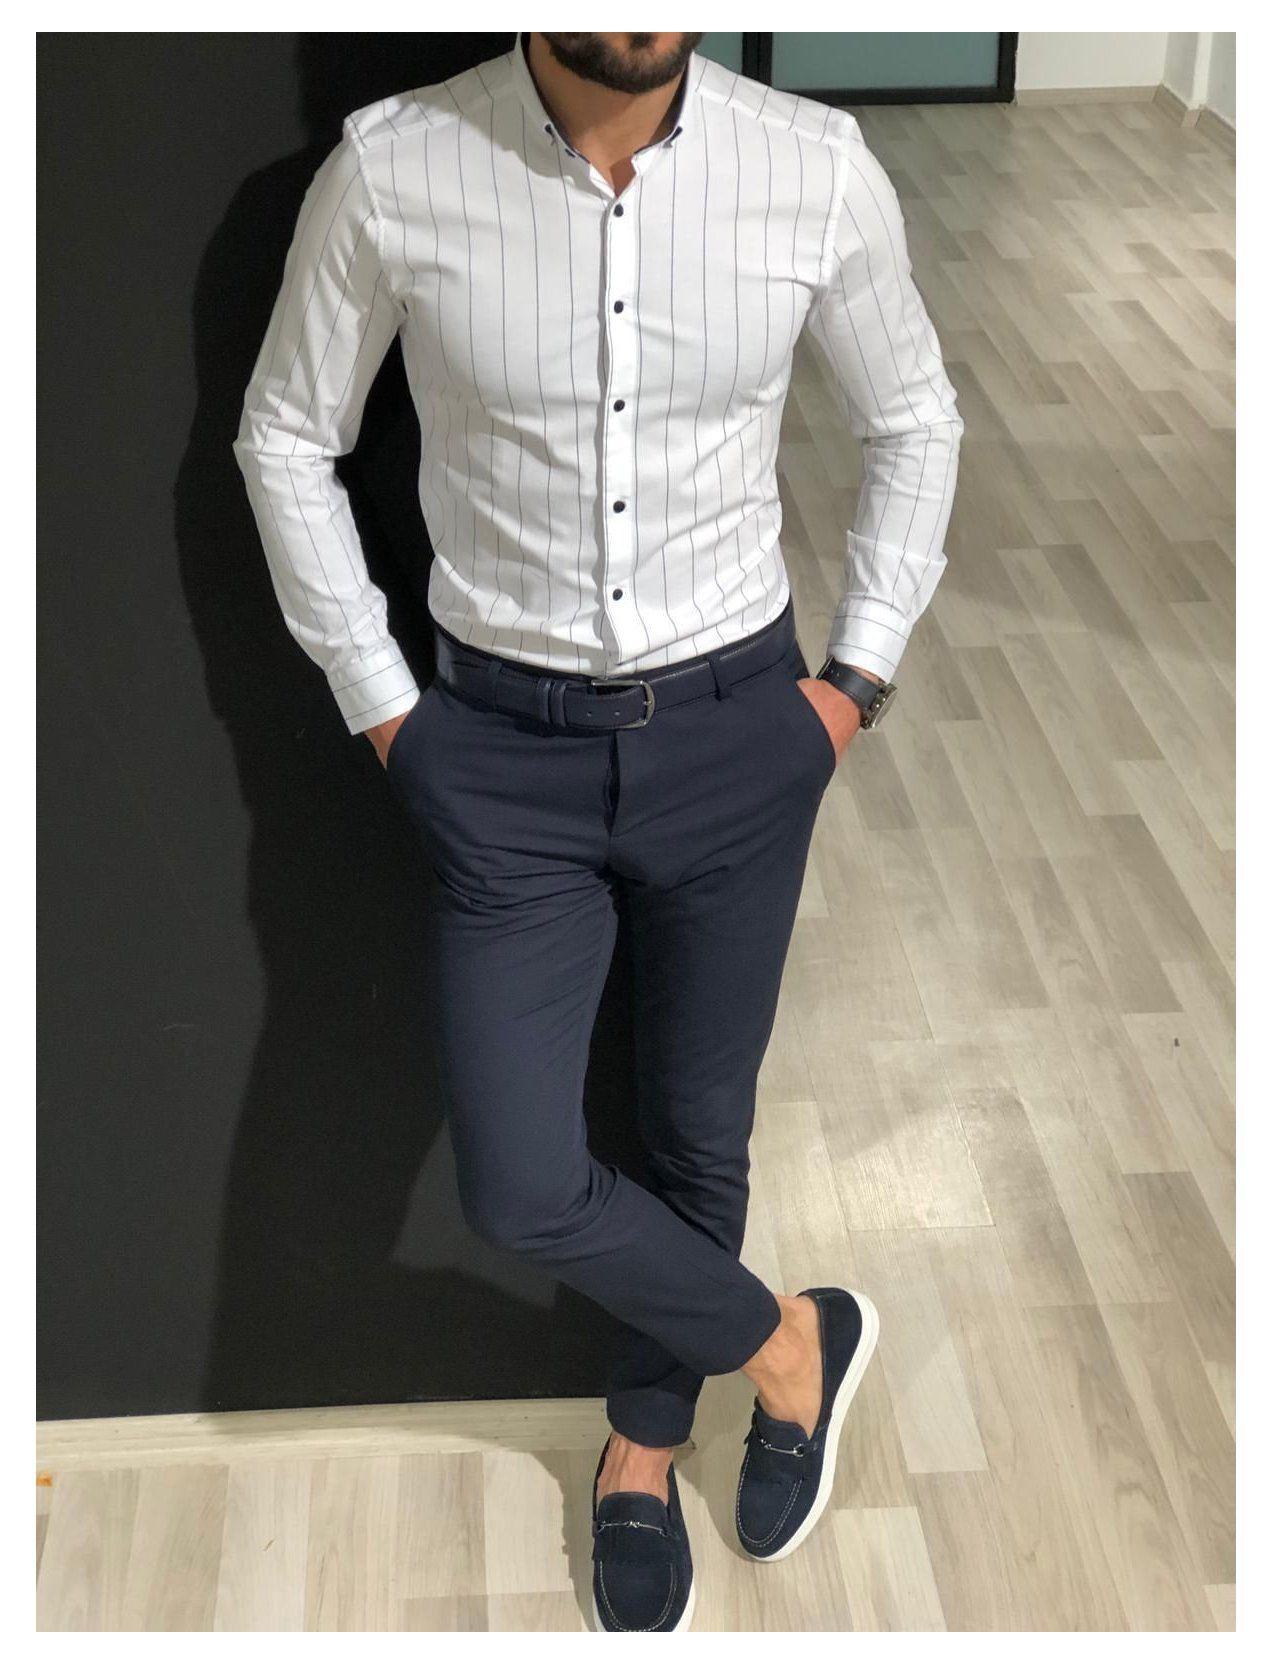 Nouveau JM BRAND Homme Indigo Double Poche Slim Fit Casual Denim Shirt